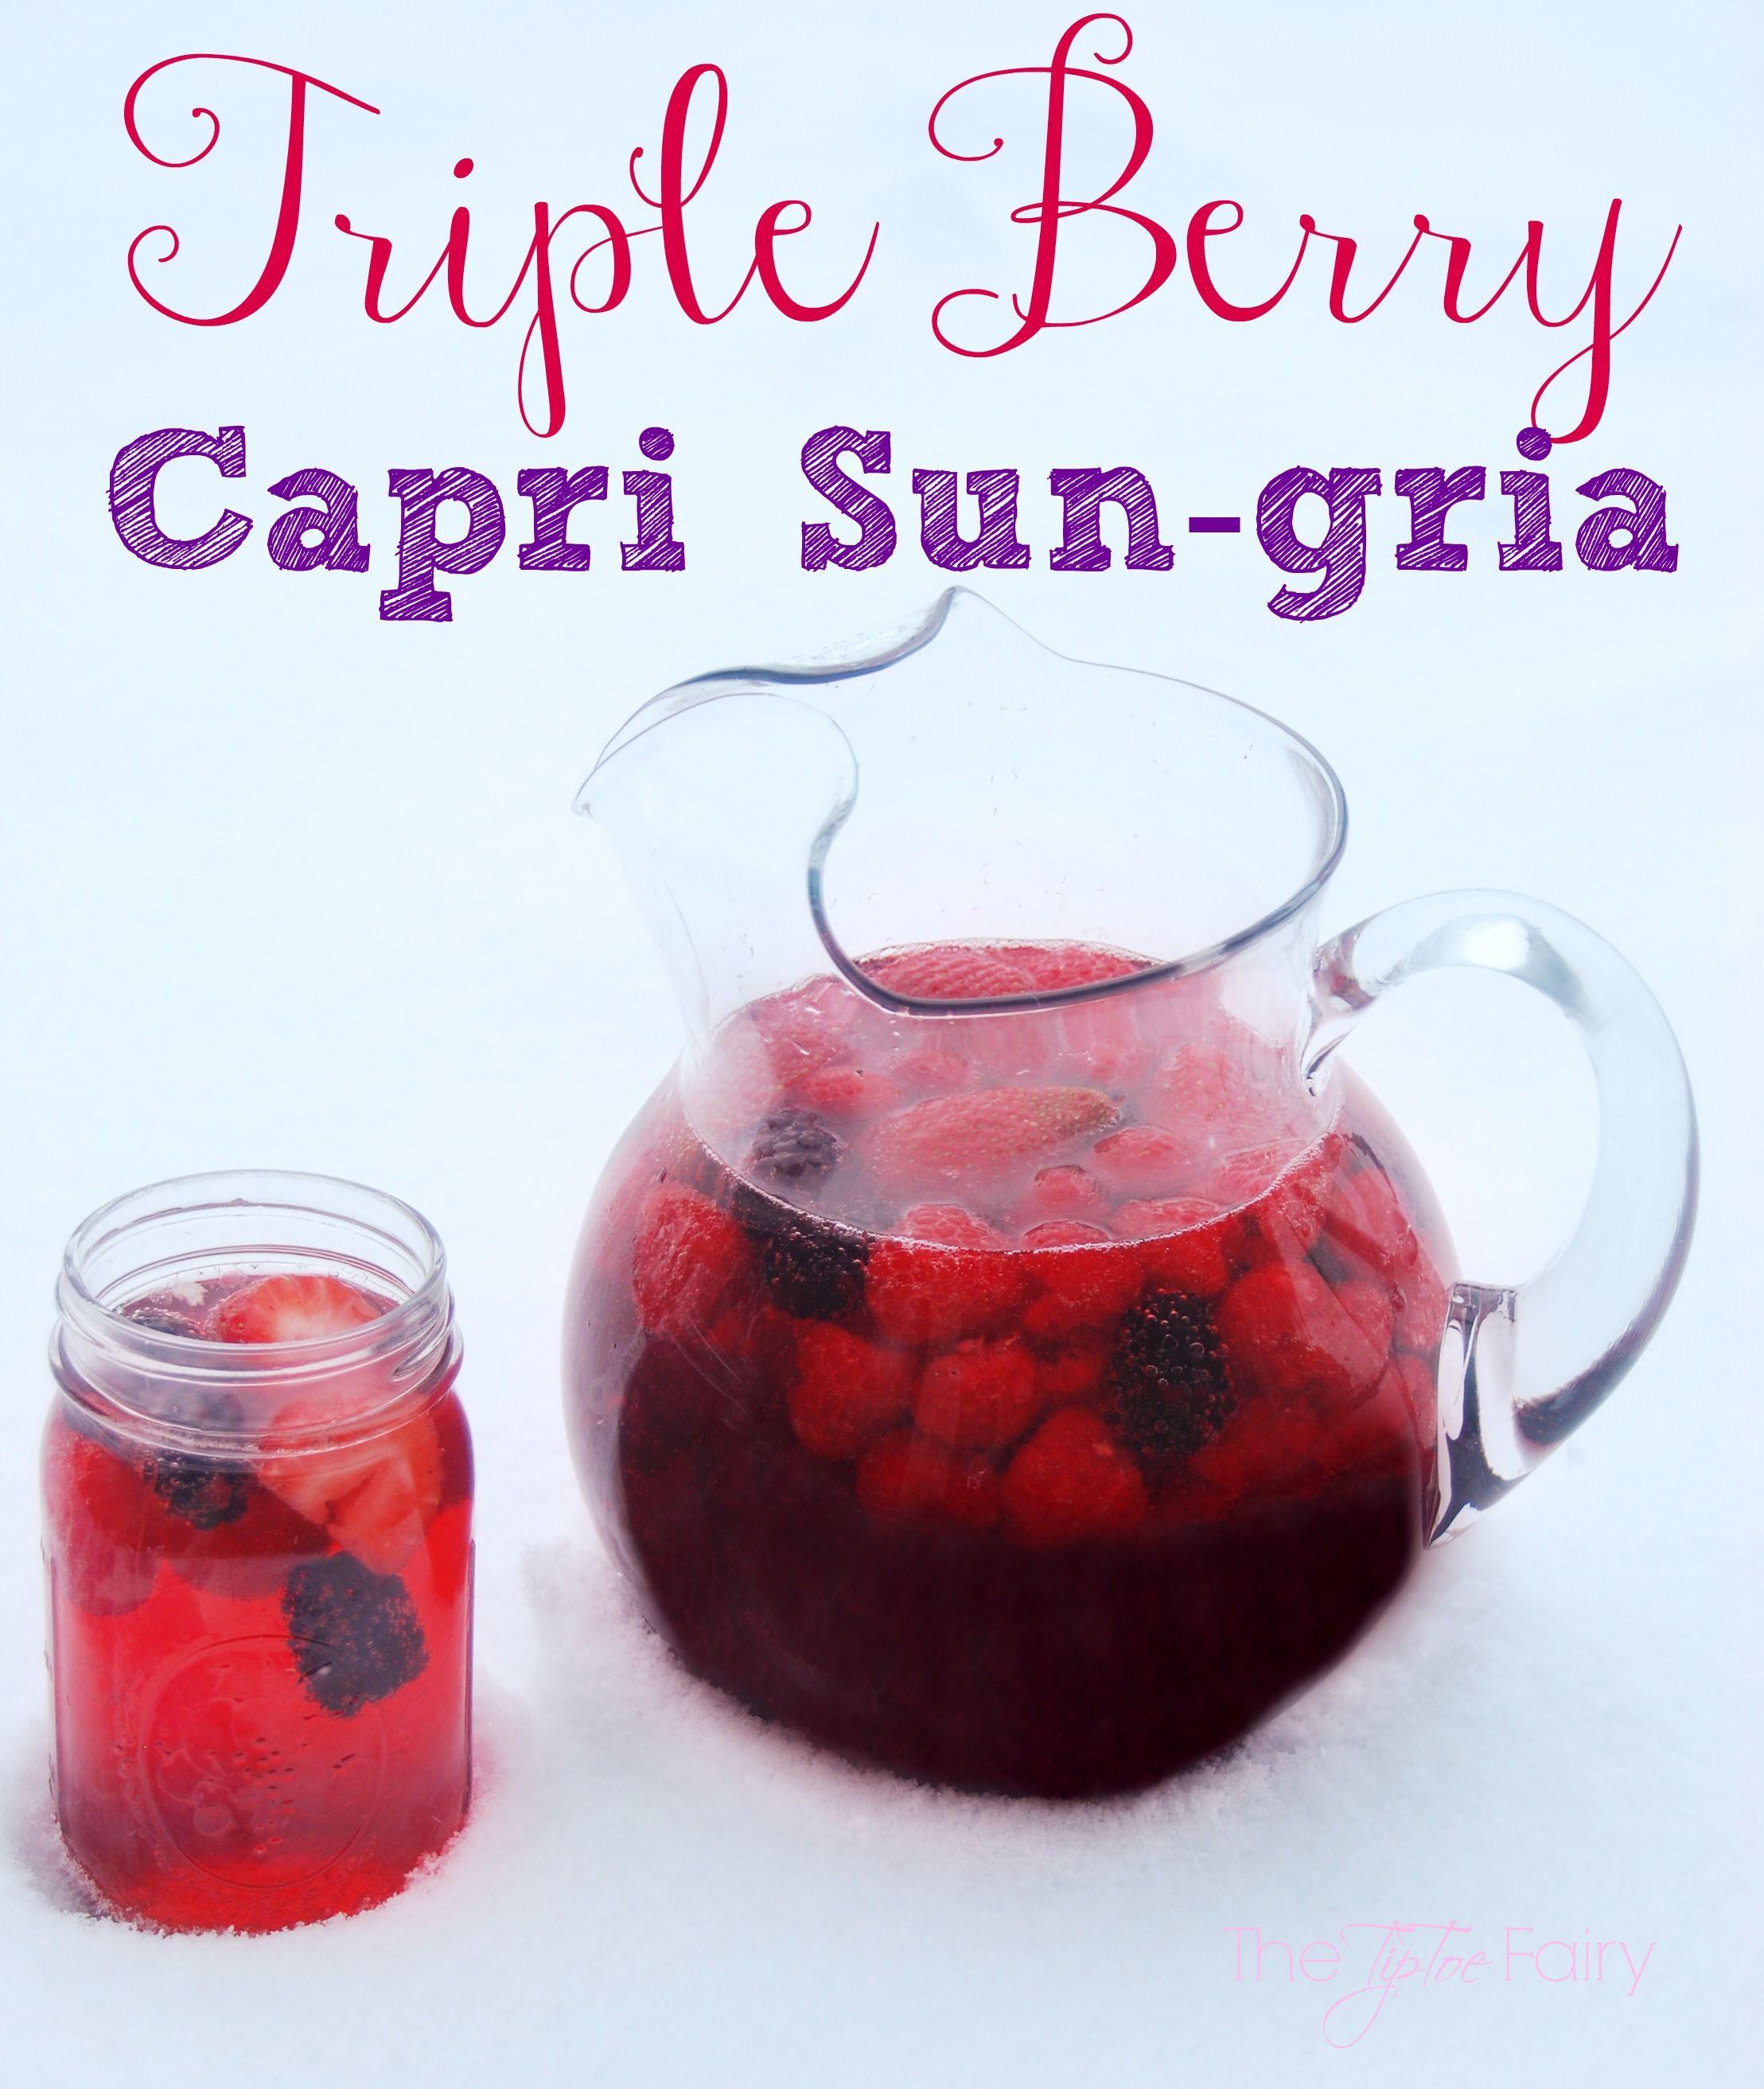 Triple Berry Capri Sun Sangria The Tiptoe Fairy Capri Sun Arbor Mist Sangria Recipe Sangria Recipes